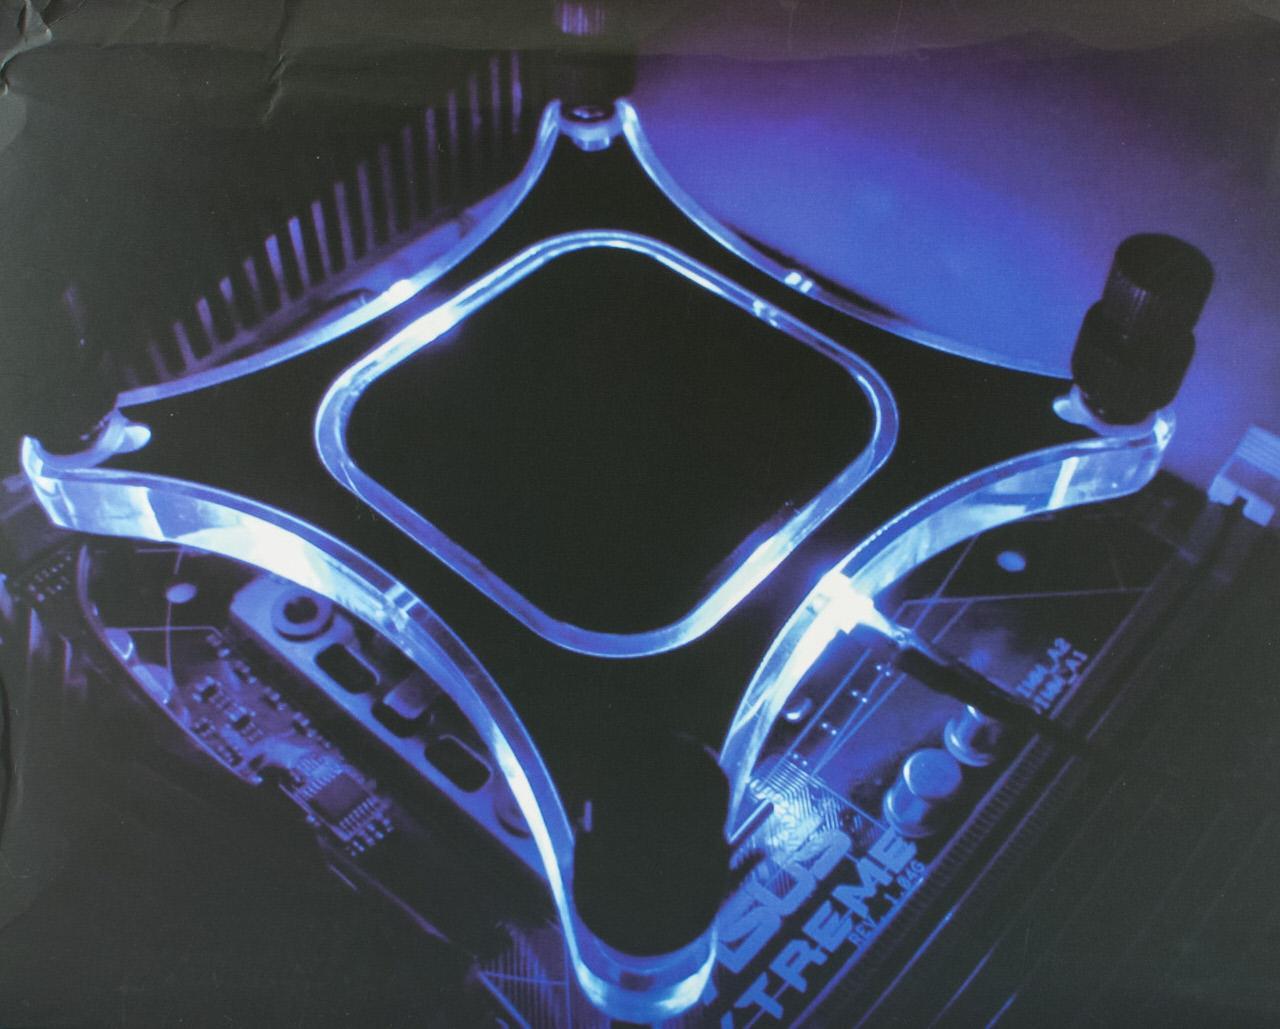 Обзор и тестирование процессорной системы жидкостного охлаждения XSPC RayStorm 750 RS240